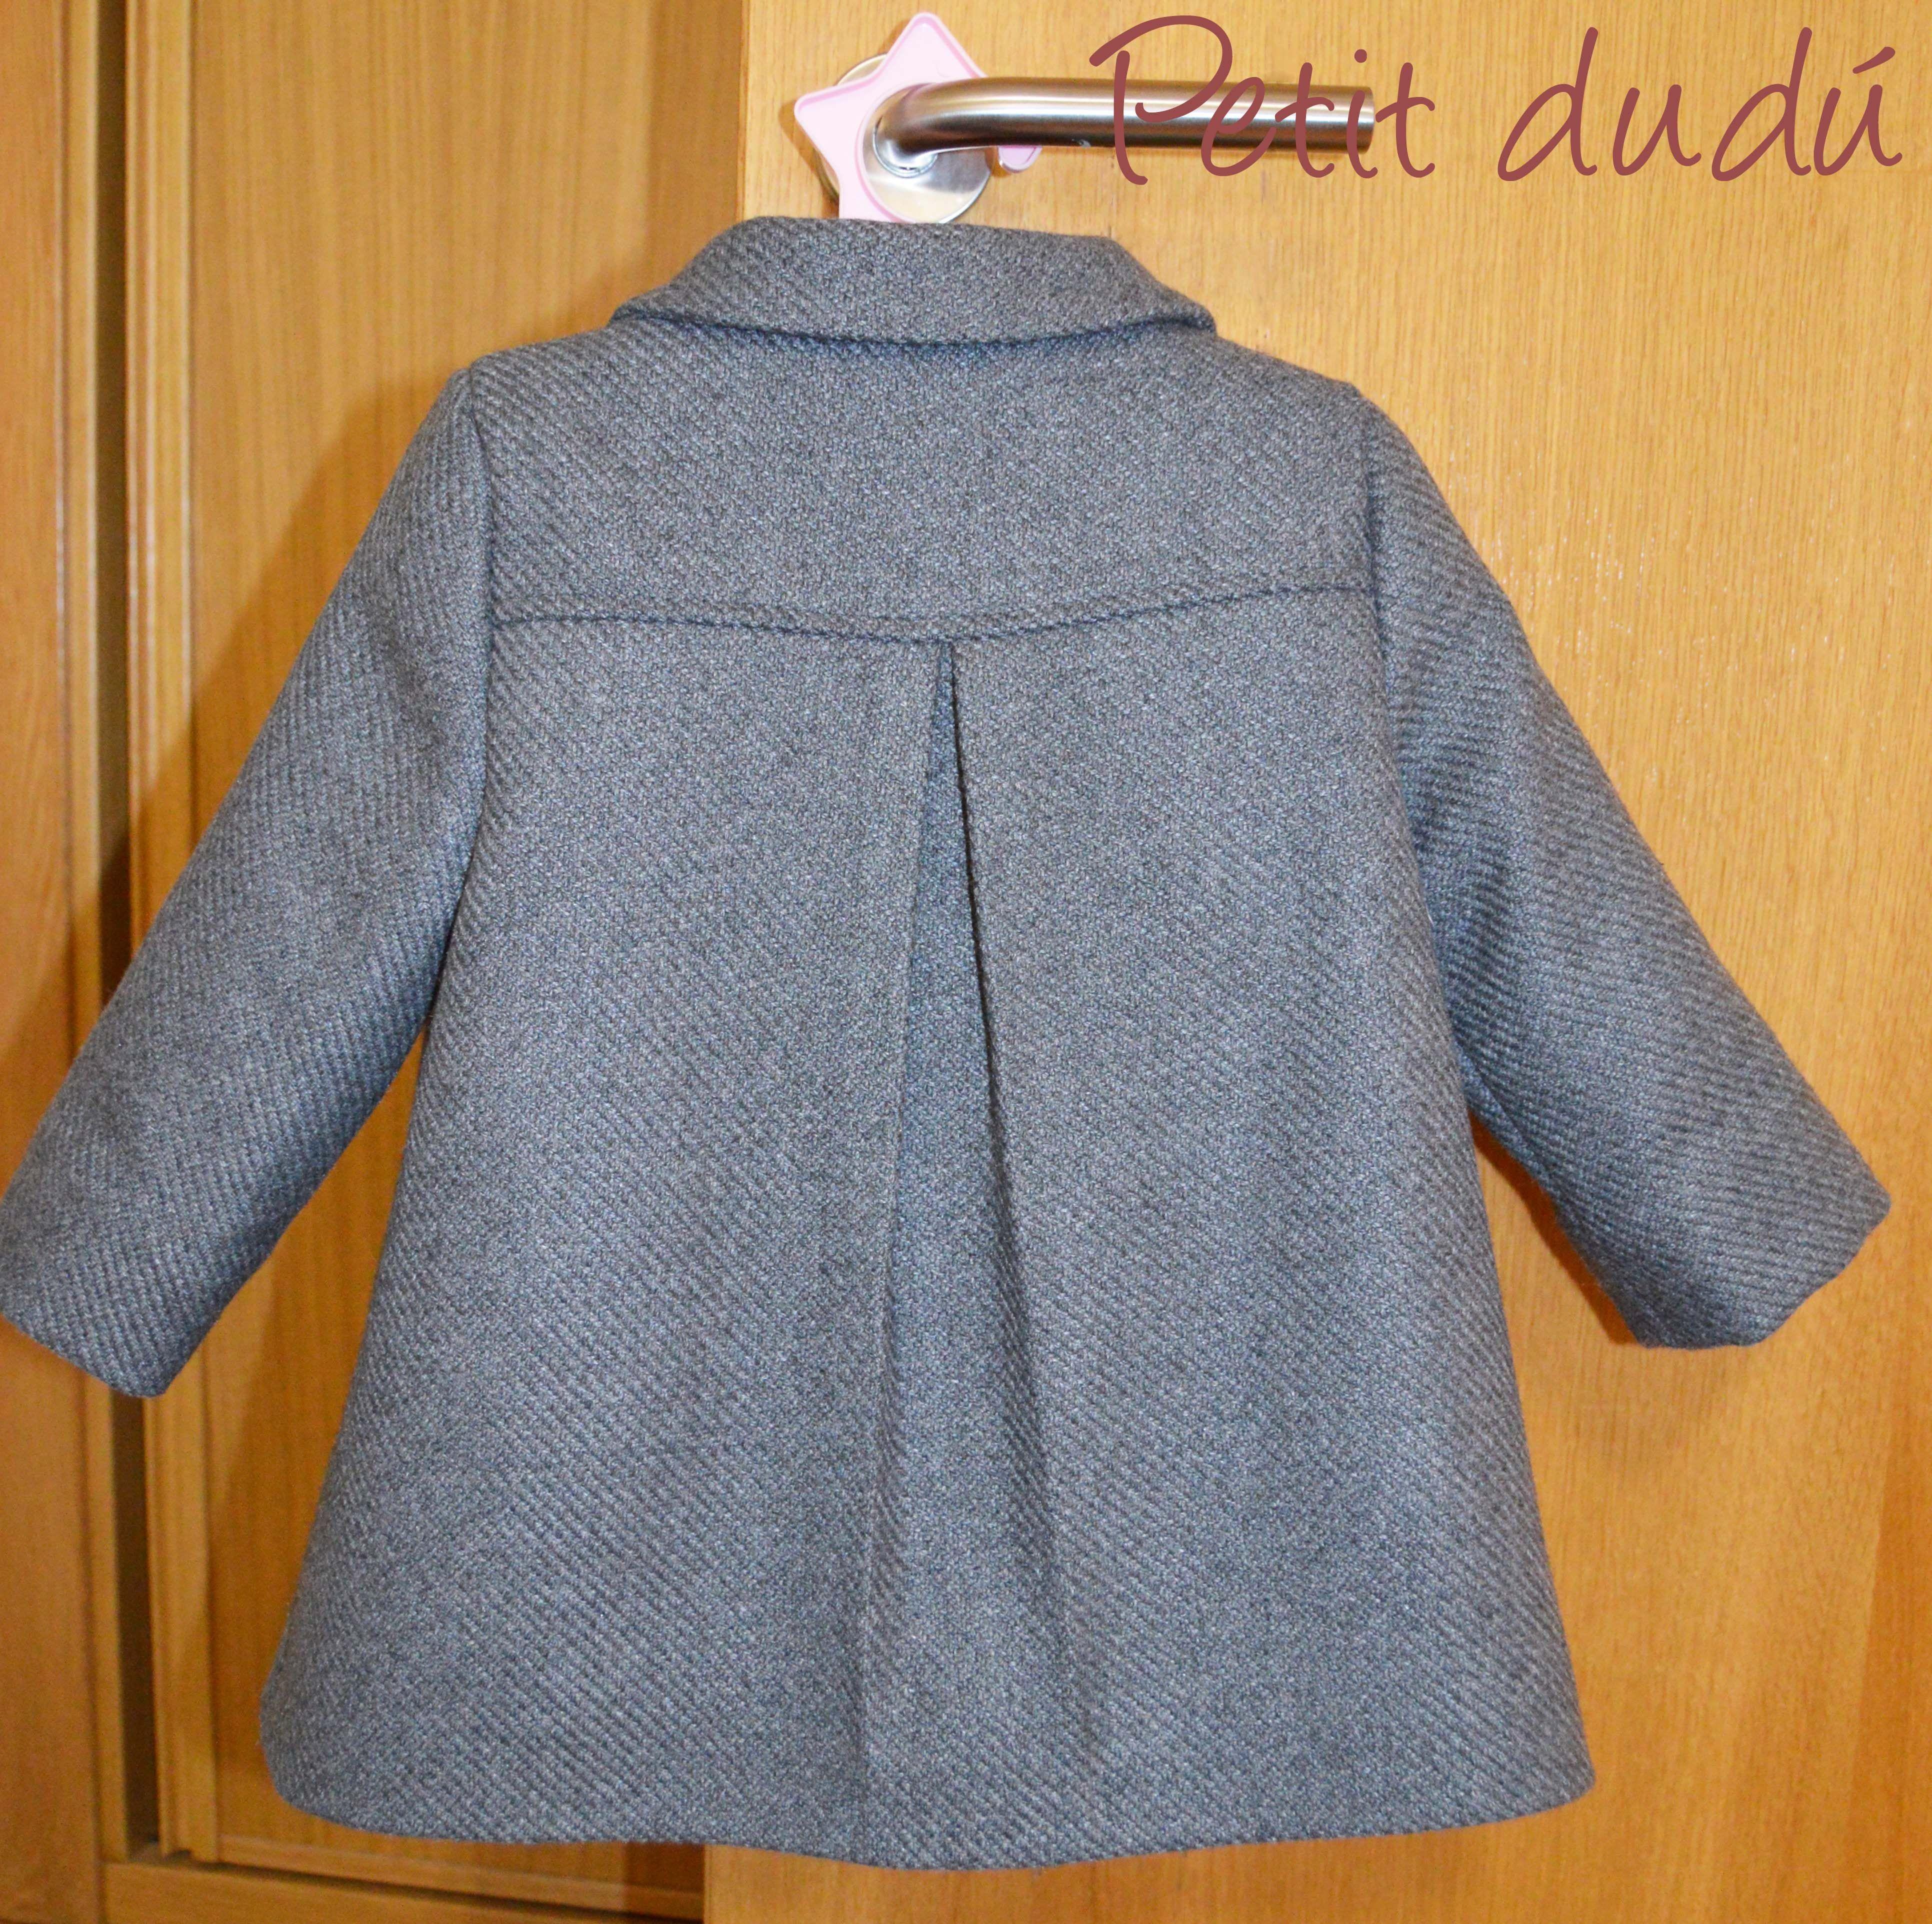 82e29de10 Abrigo de paño para niña, corte clásico. #abrigo #paño #clásico ...